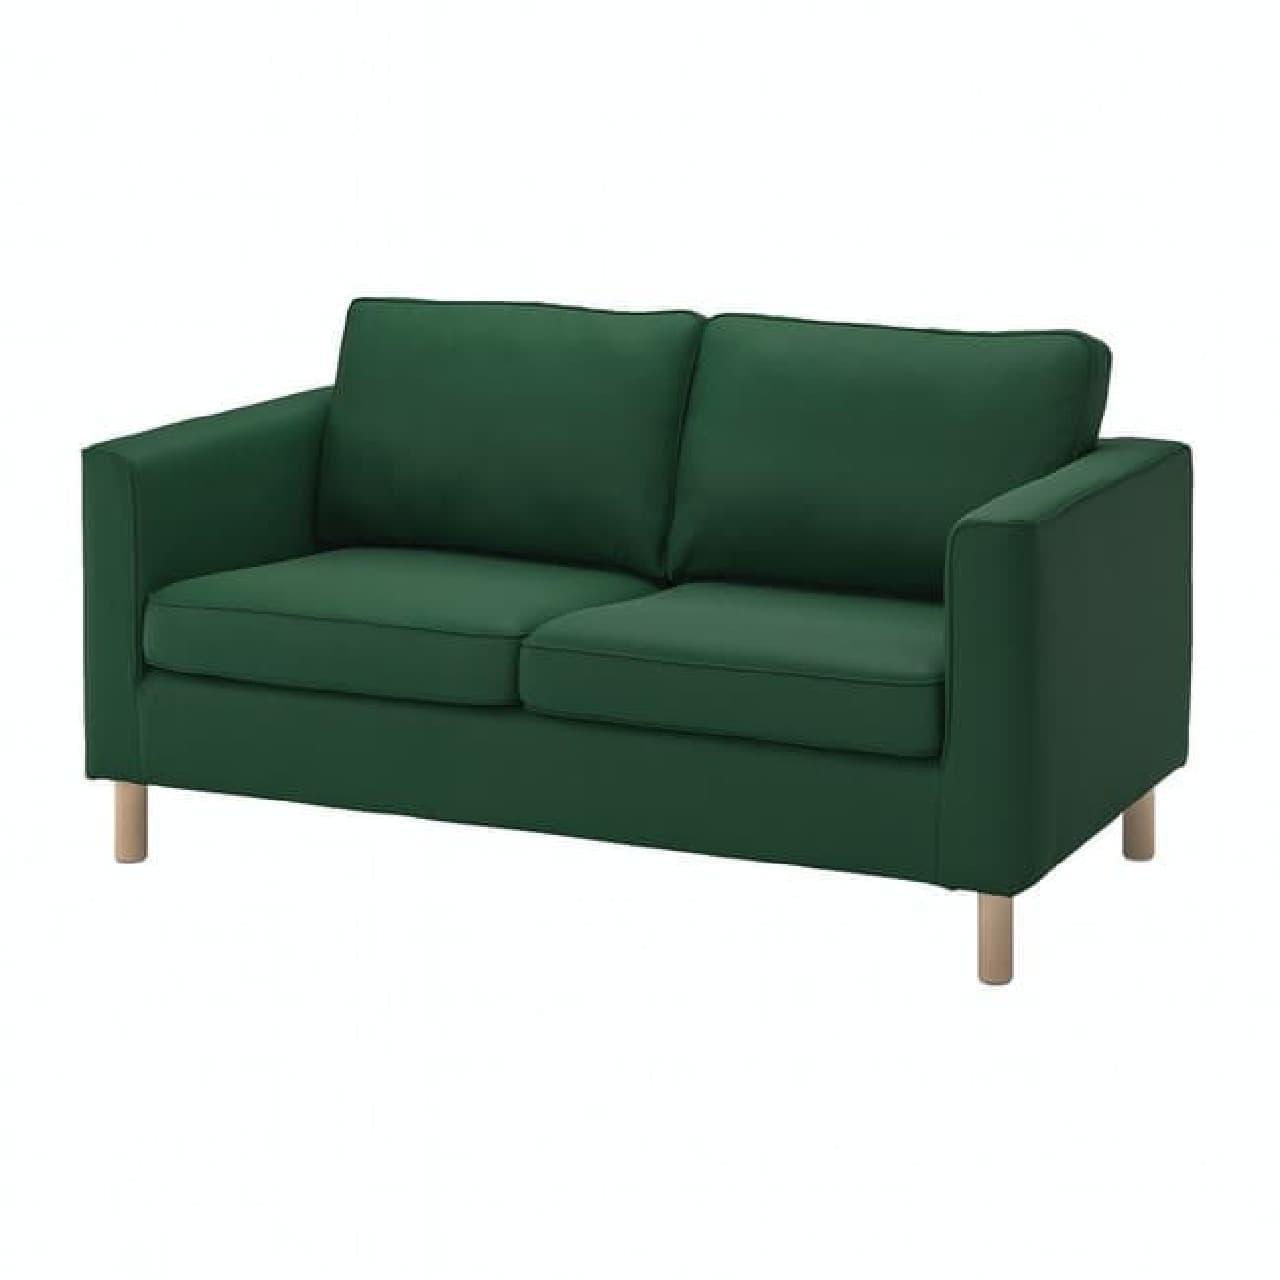 イケア 10月の新商品 -- 安らぎをもたらすソファ・寝具など!環境も配慮